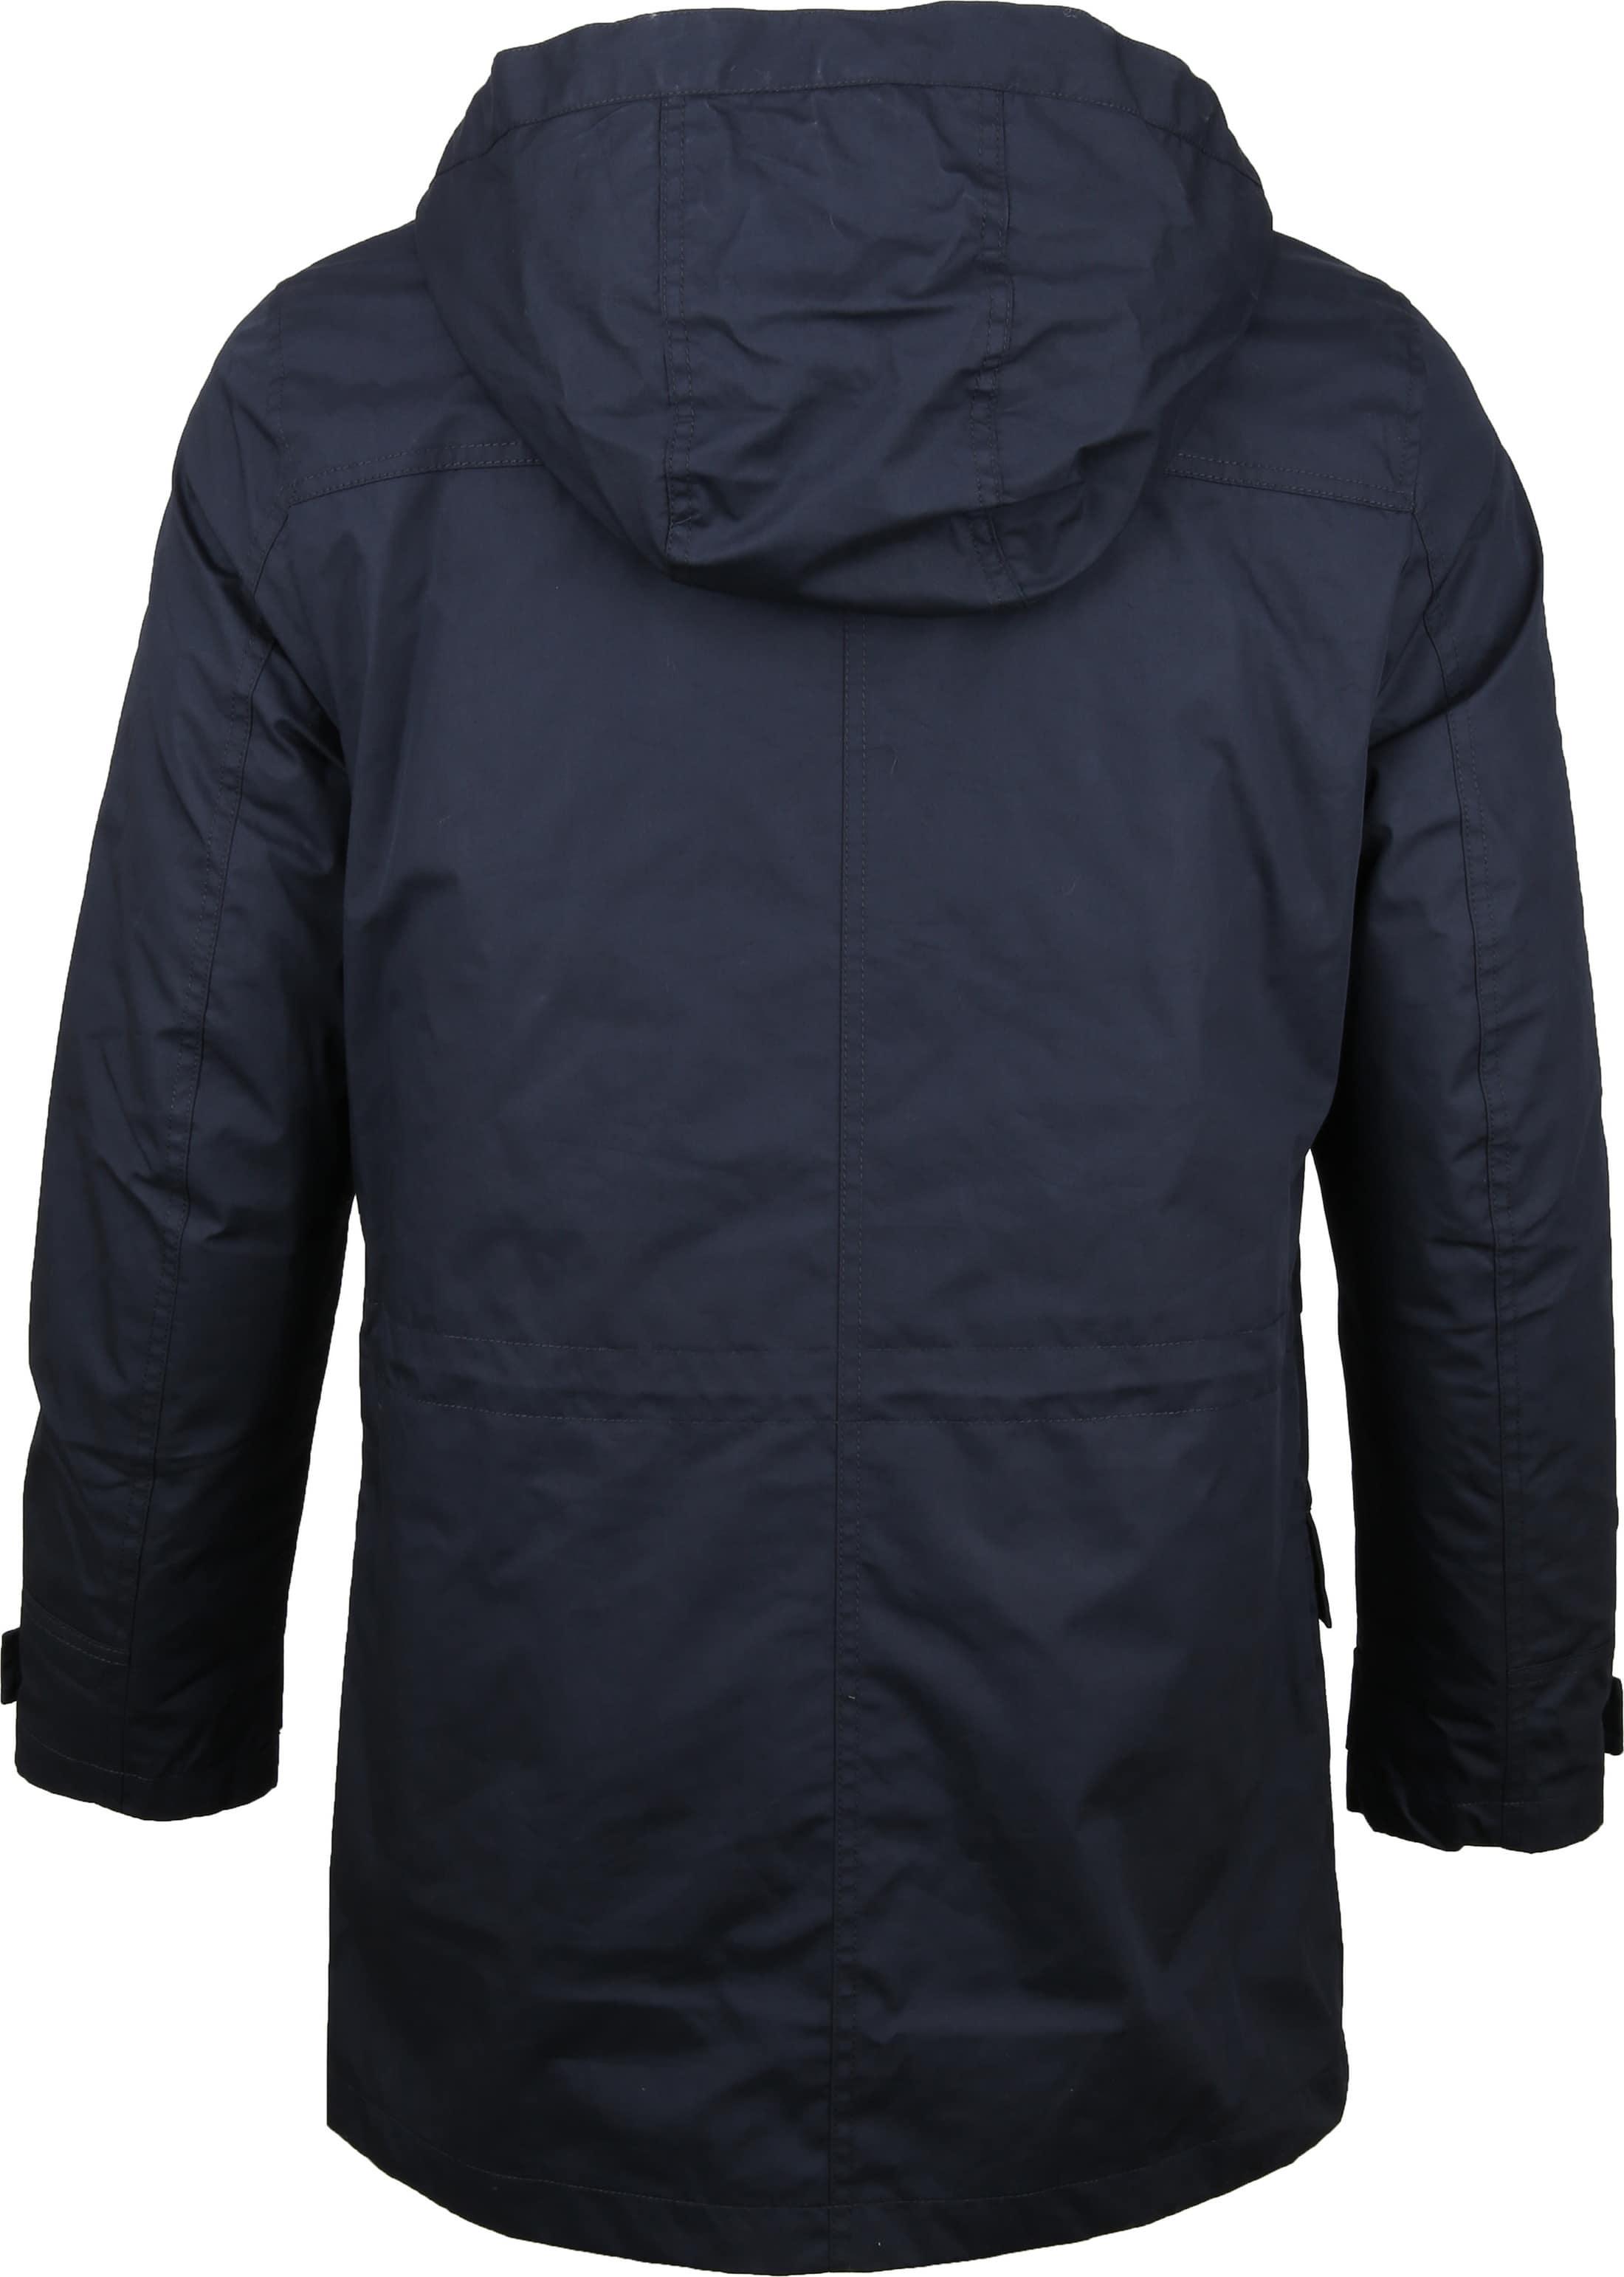 Suitable Winterjas Waxed-look Donkerblauw foto 6